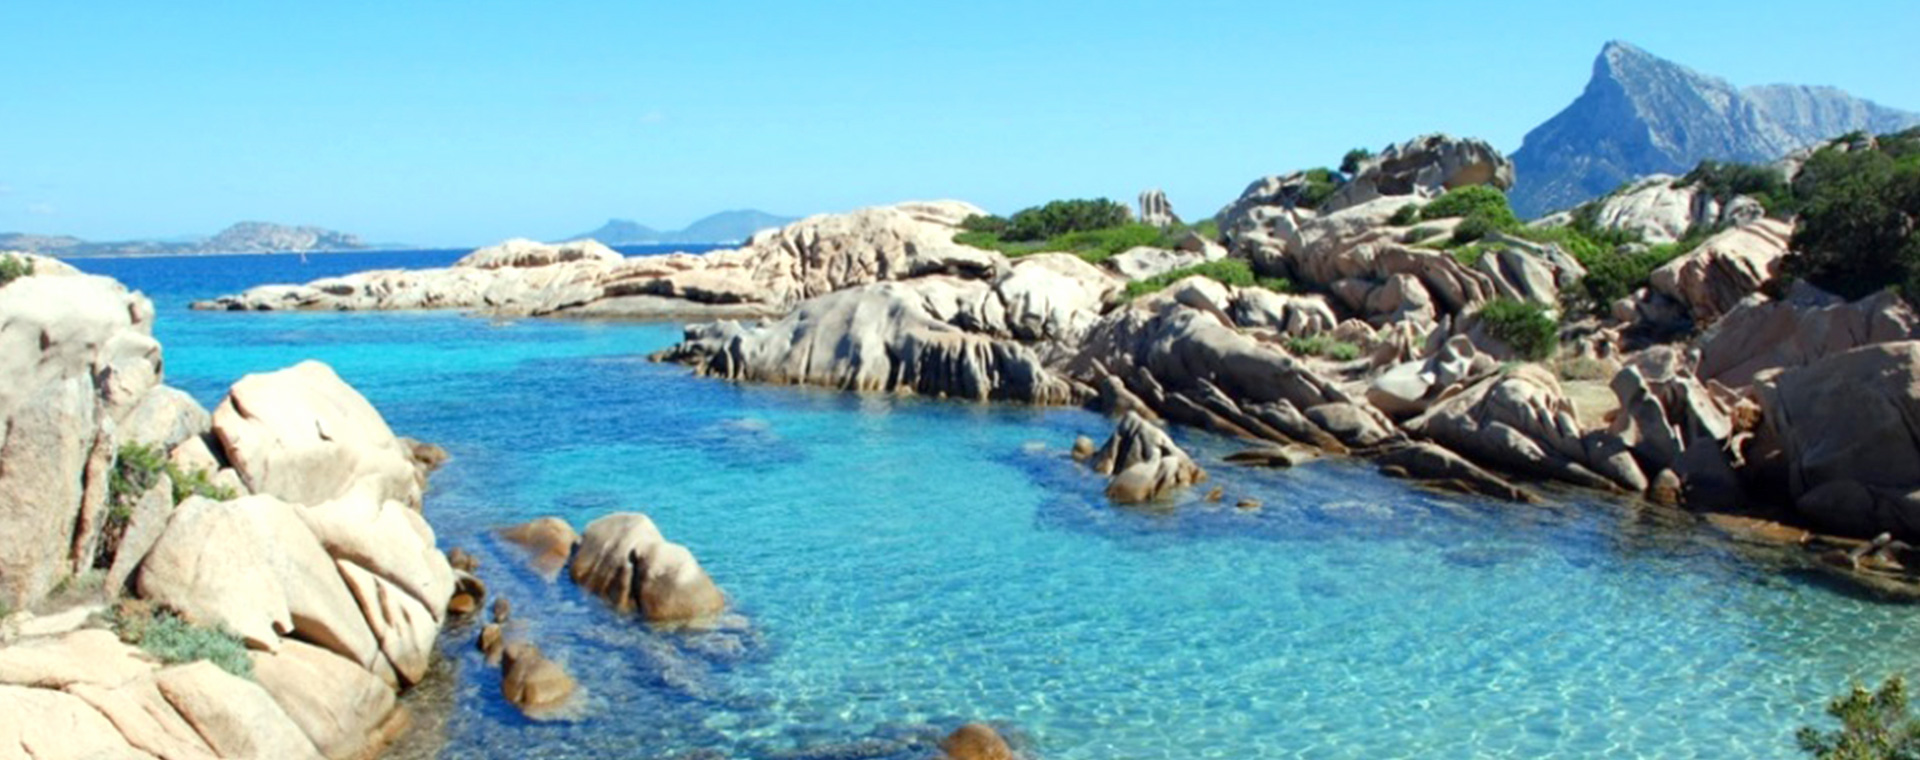 Voyage à pied : Le Nord de la Sardaigne et la Costa Smeralda